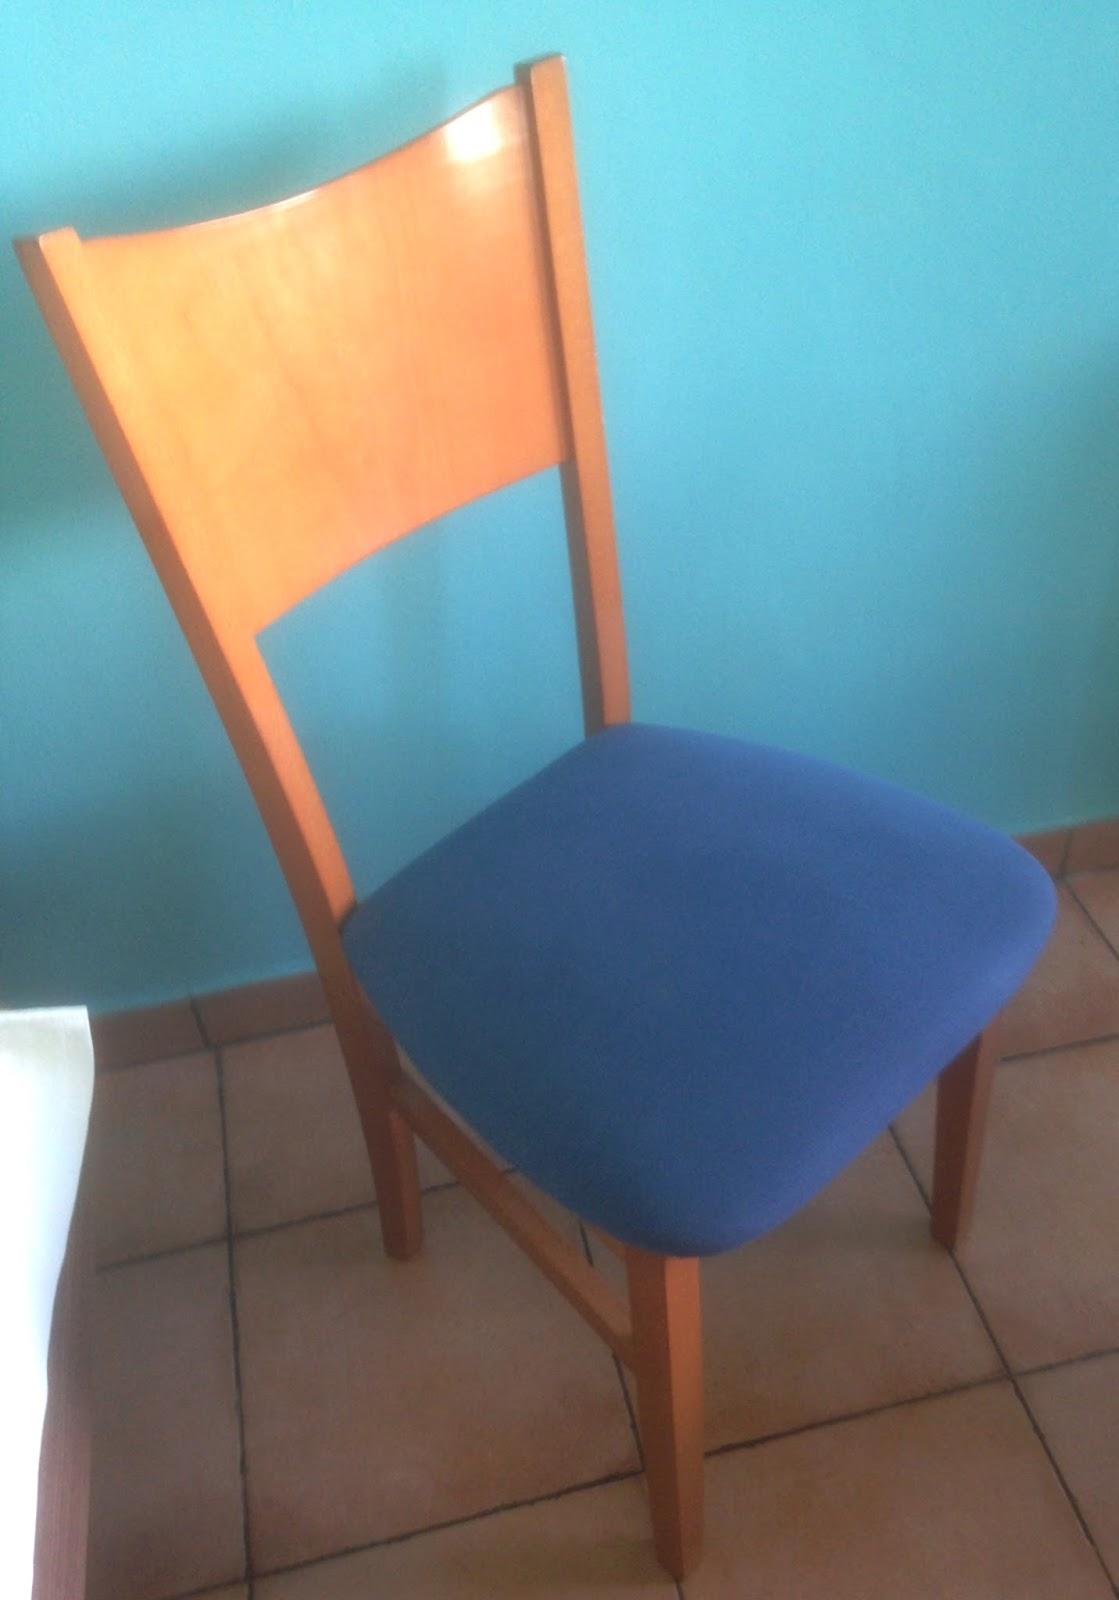 Paraquenadaseteolvide mis sillas 10 16 - Grapadora de tapicero ...